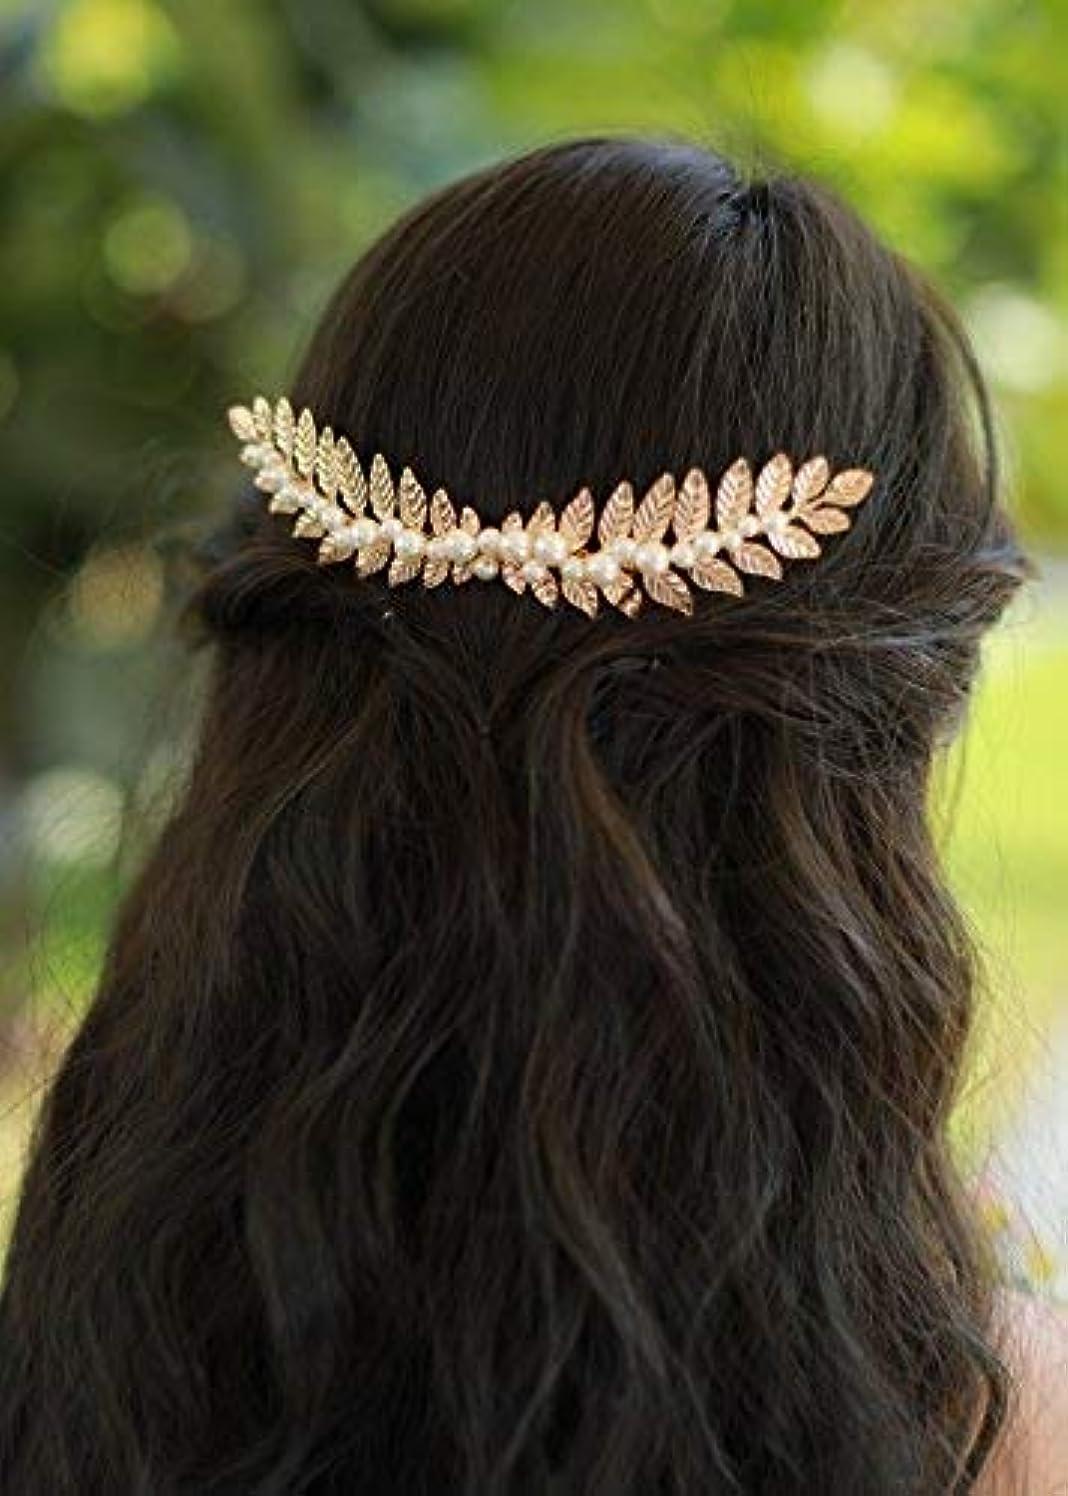 競合他社選手甲虫ベックスMissgrace Gold Leaf Hair Comb Wedding Hair Accessories Bride Floral Hair Comb Head Pieces Hair Clips Pins Jewelry...